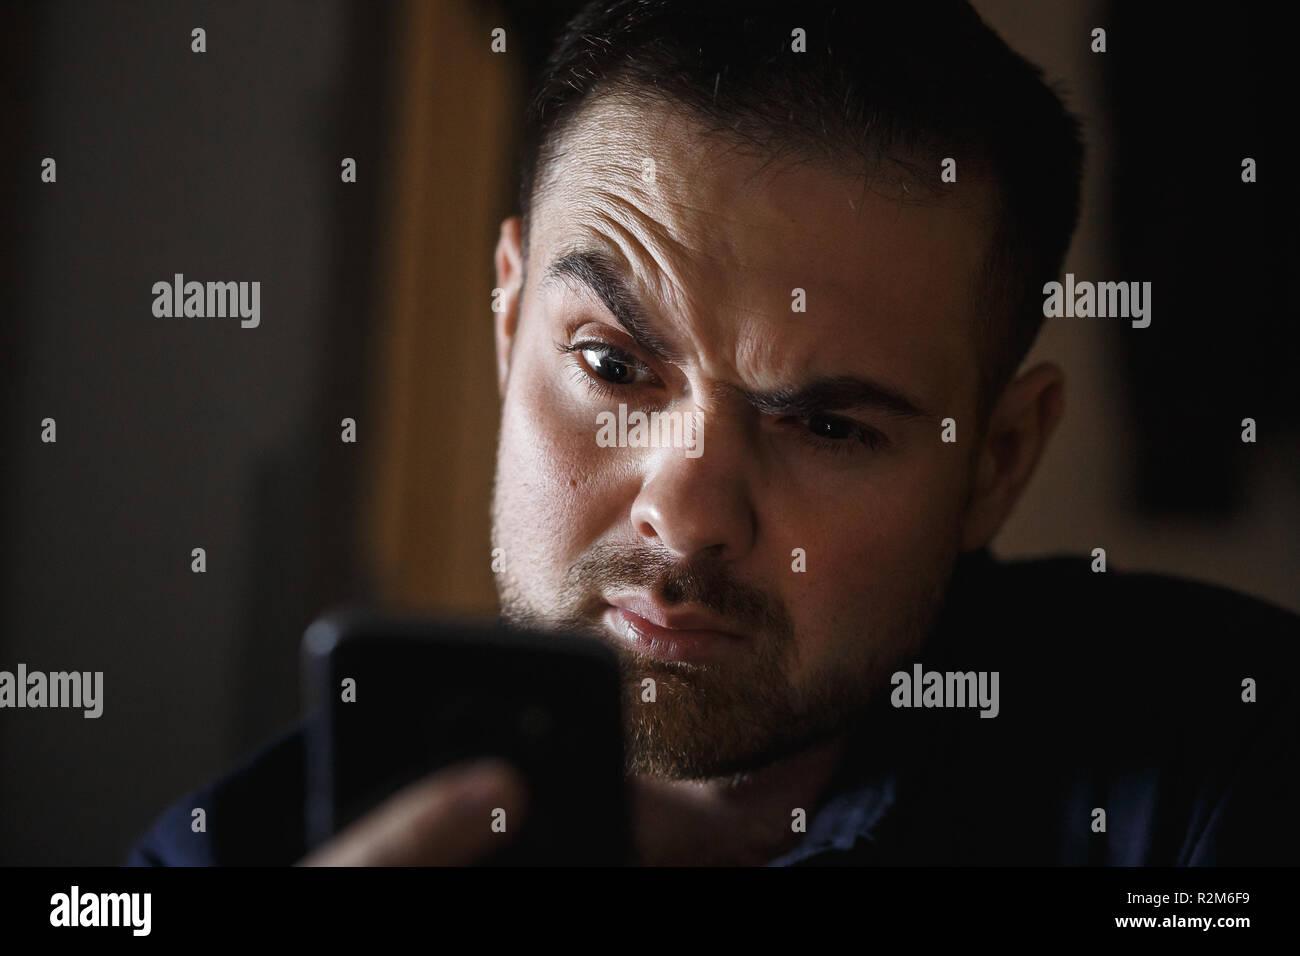 Un varón de mediana edad barbudo amazedly mirando al smartphone en el cuarto oscuro. Cerca. Foto de stock